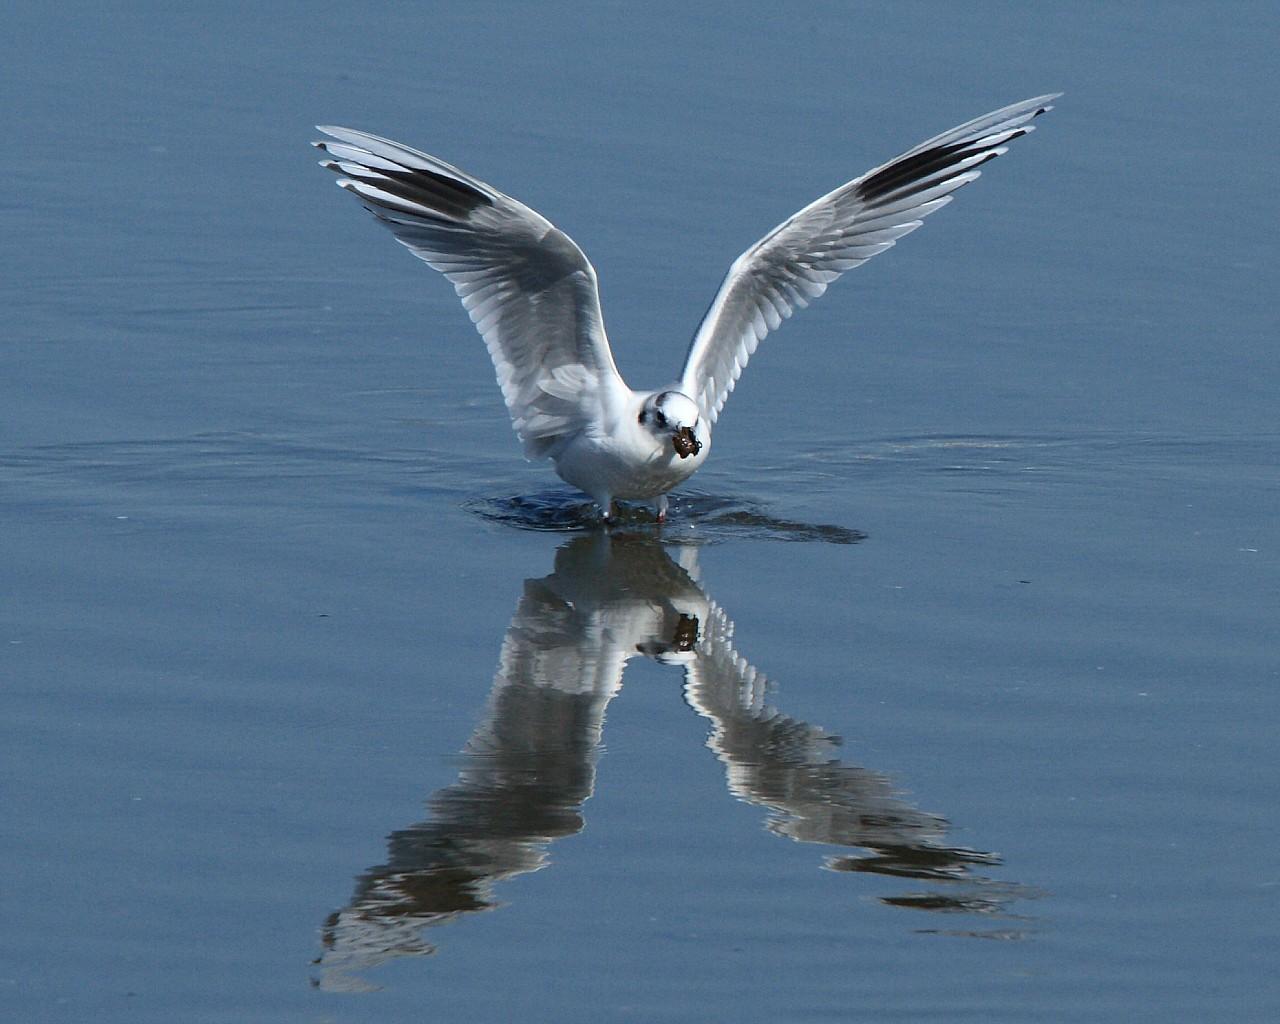 ズグロカモメが餌を咥えて着水(美しい野鳥の無料壁紙)_f0105570_20585097.jpg